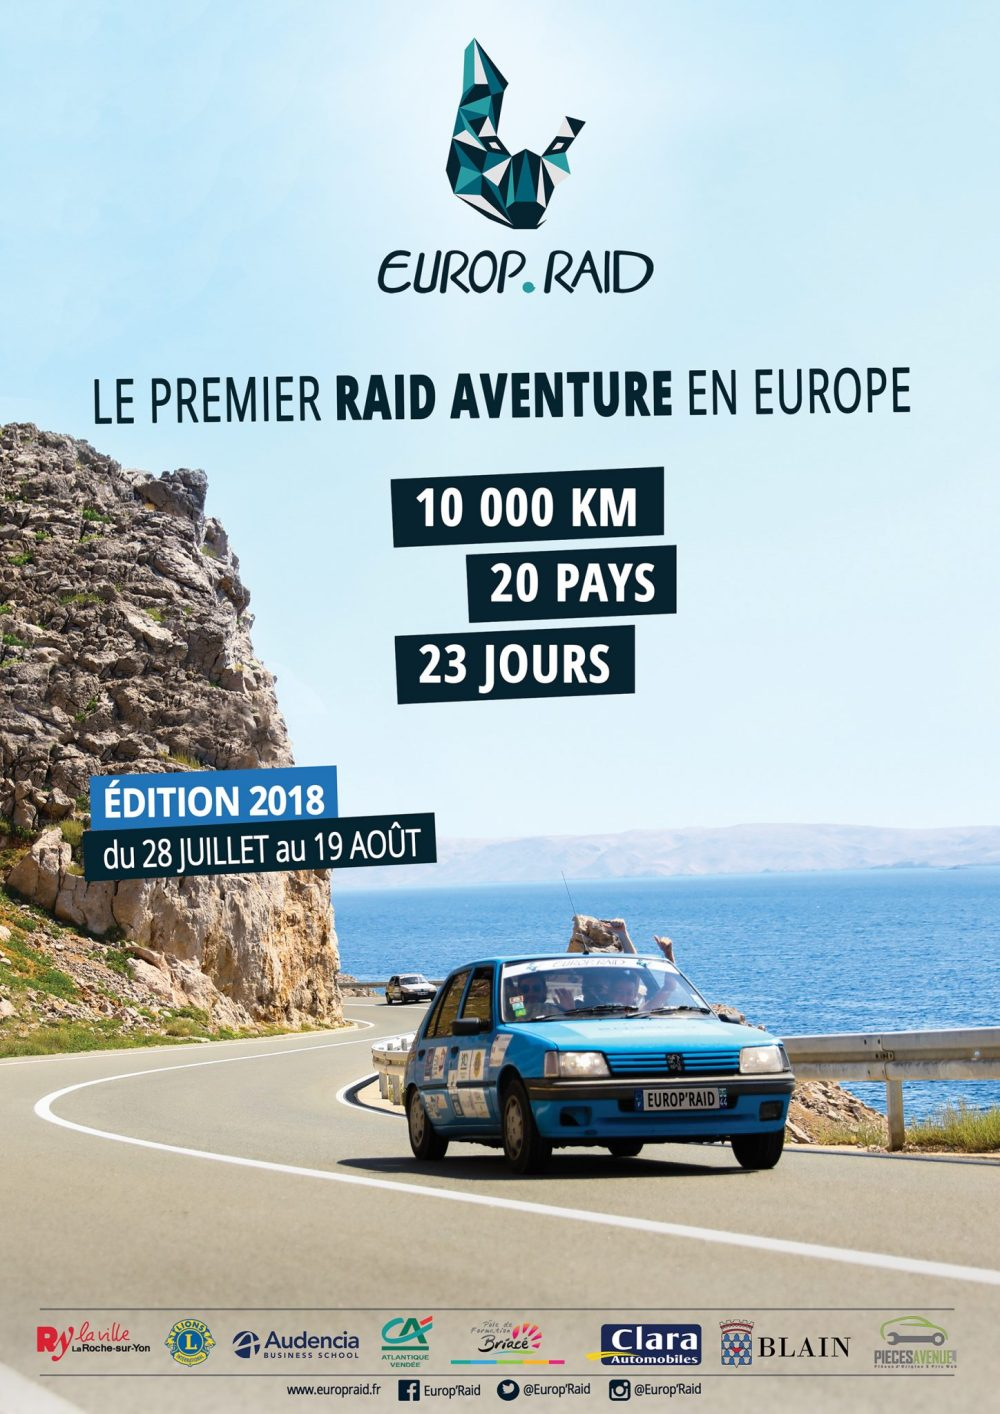 20 pays - 23 jours en Peugeot 205: l'Europ.Raid @ 20 pays de l'Europe